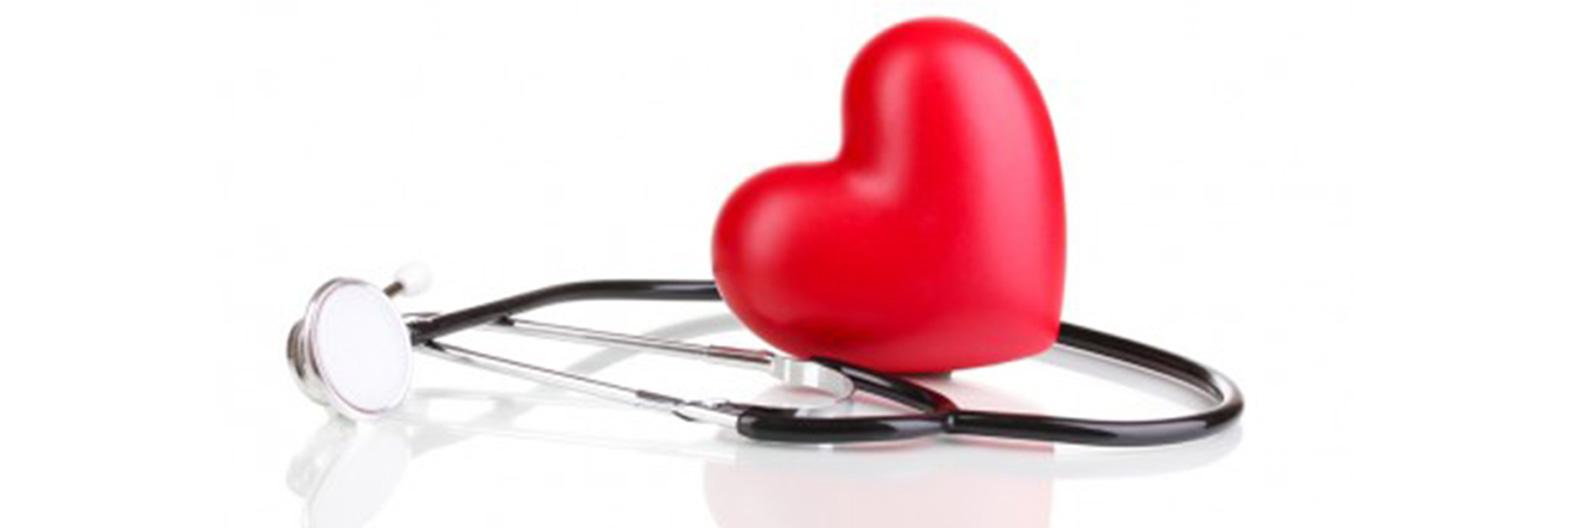 hipertenzijos šalutinis poveikis 3 laipsnio hipertenzijos receptai